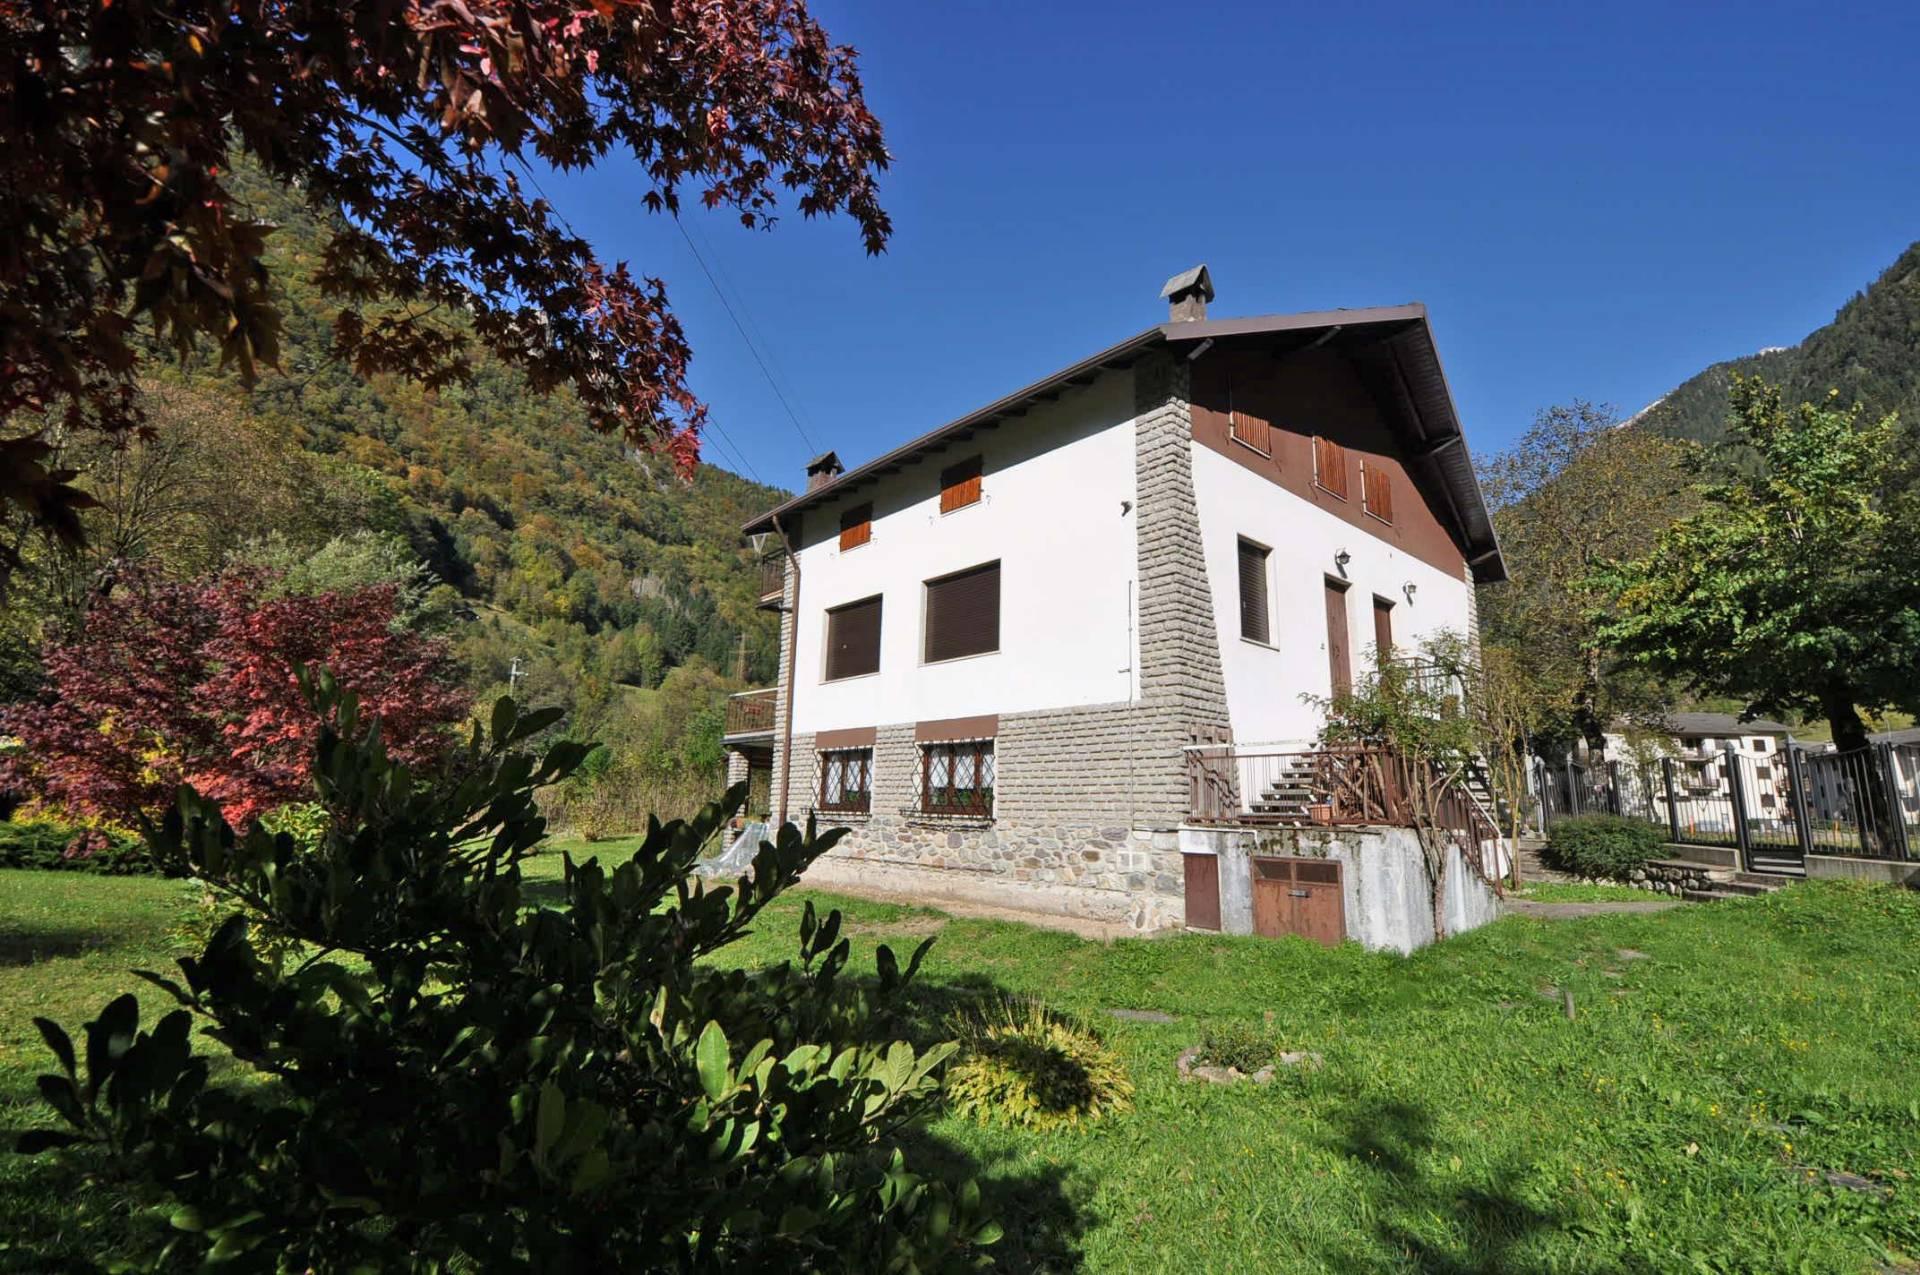 Appartamento in vendita a Isola di Fondra, 4 locali, Trattative riservate | Cambio Casa.it